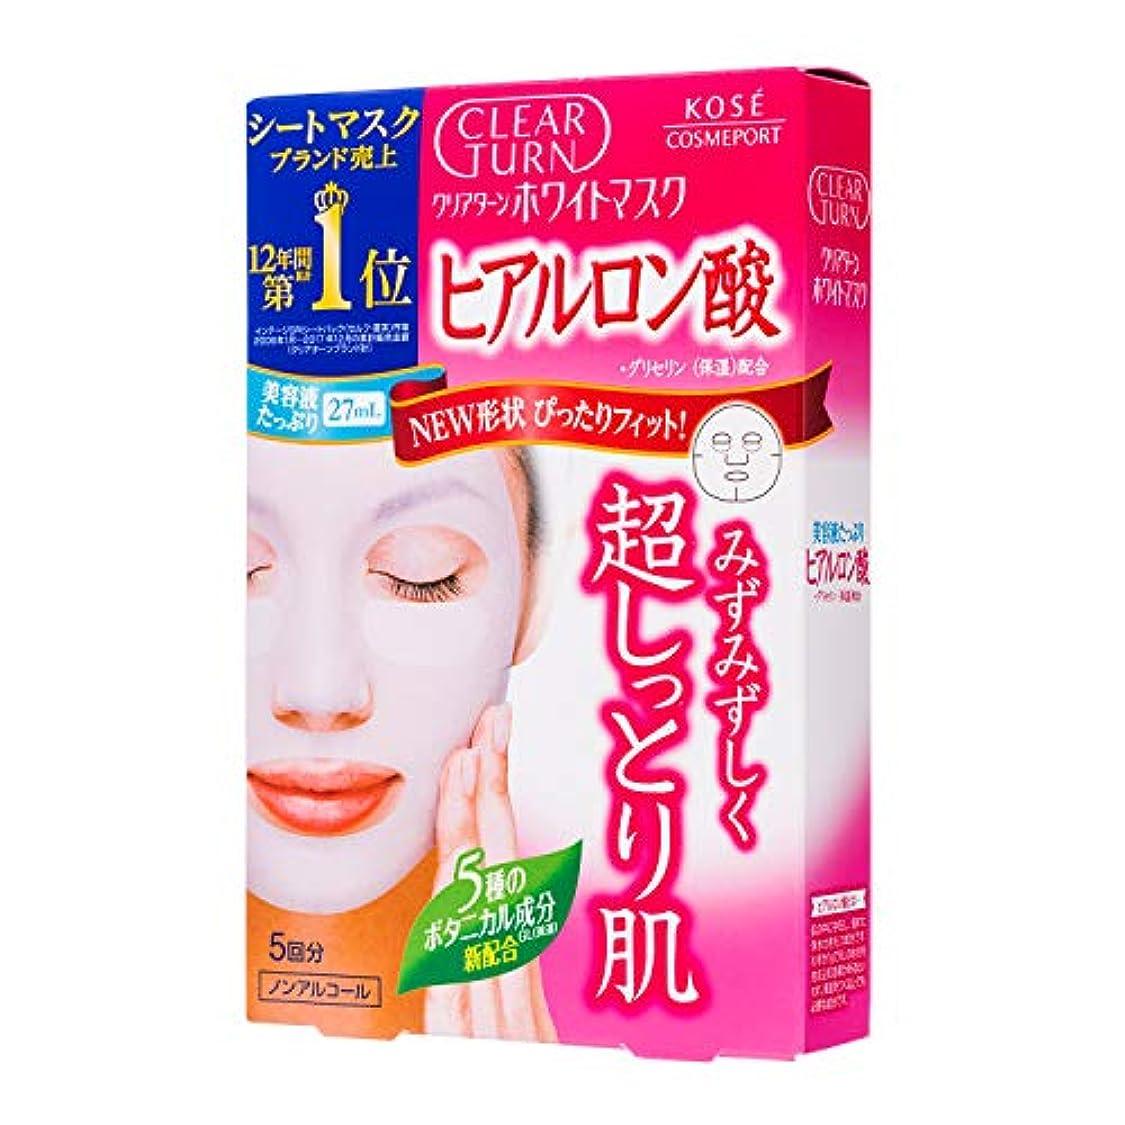 グリット音節スタックKOSE コーセー クリアターン ホワイト マスク HA (ヒアルロン酸) 5回分 (22mL×5)